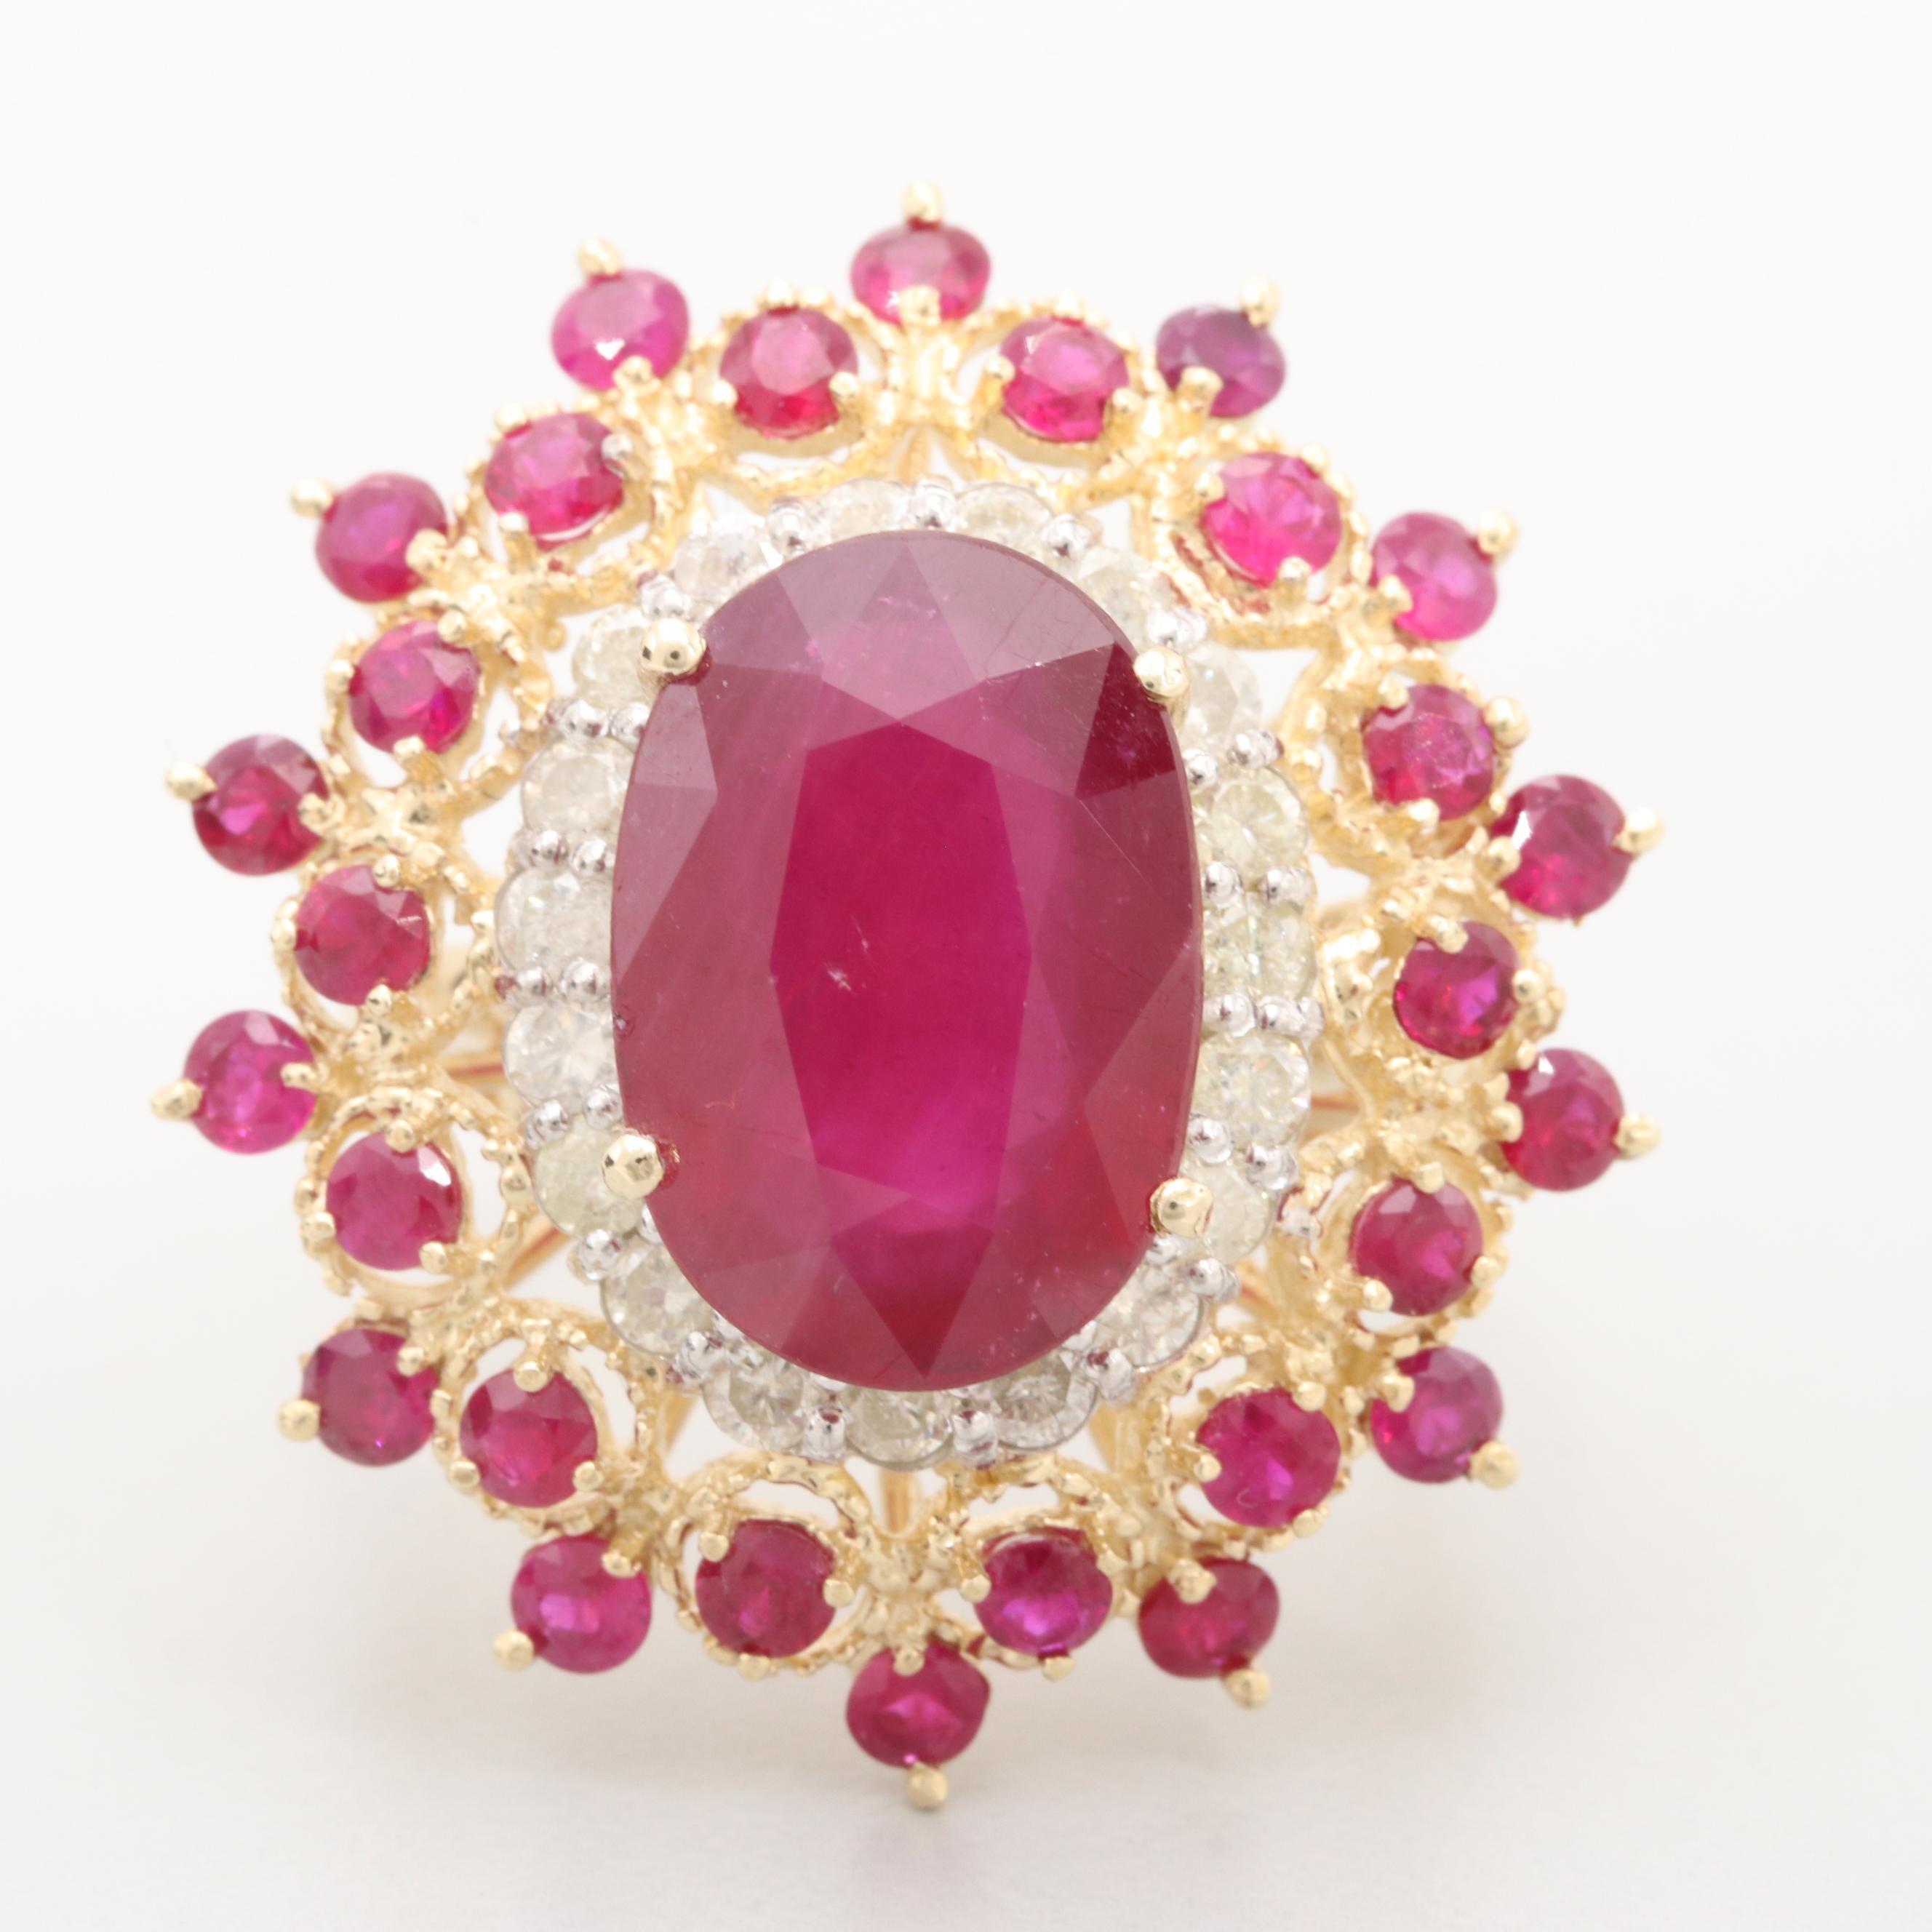 14K Yellow Gold Glass Filled Corundum, Ruby and Diamond Ring